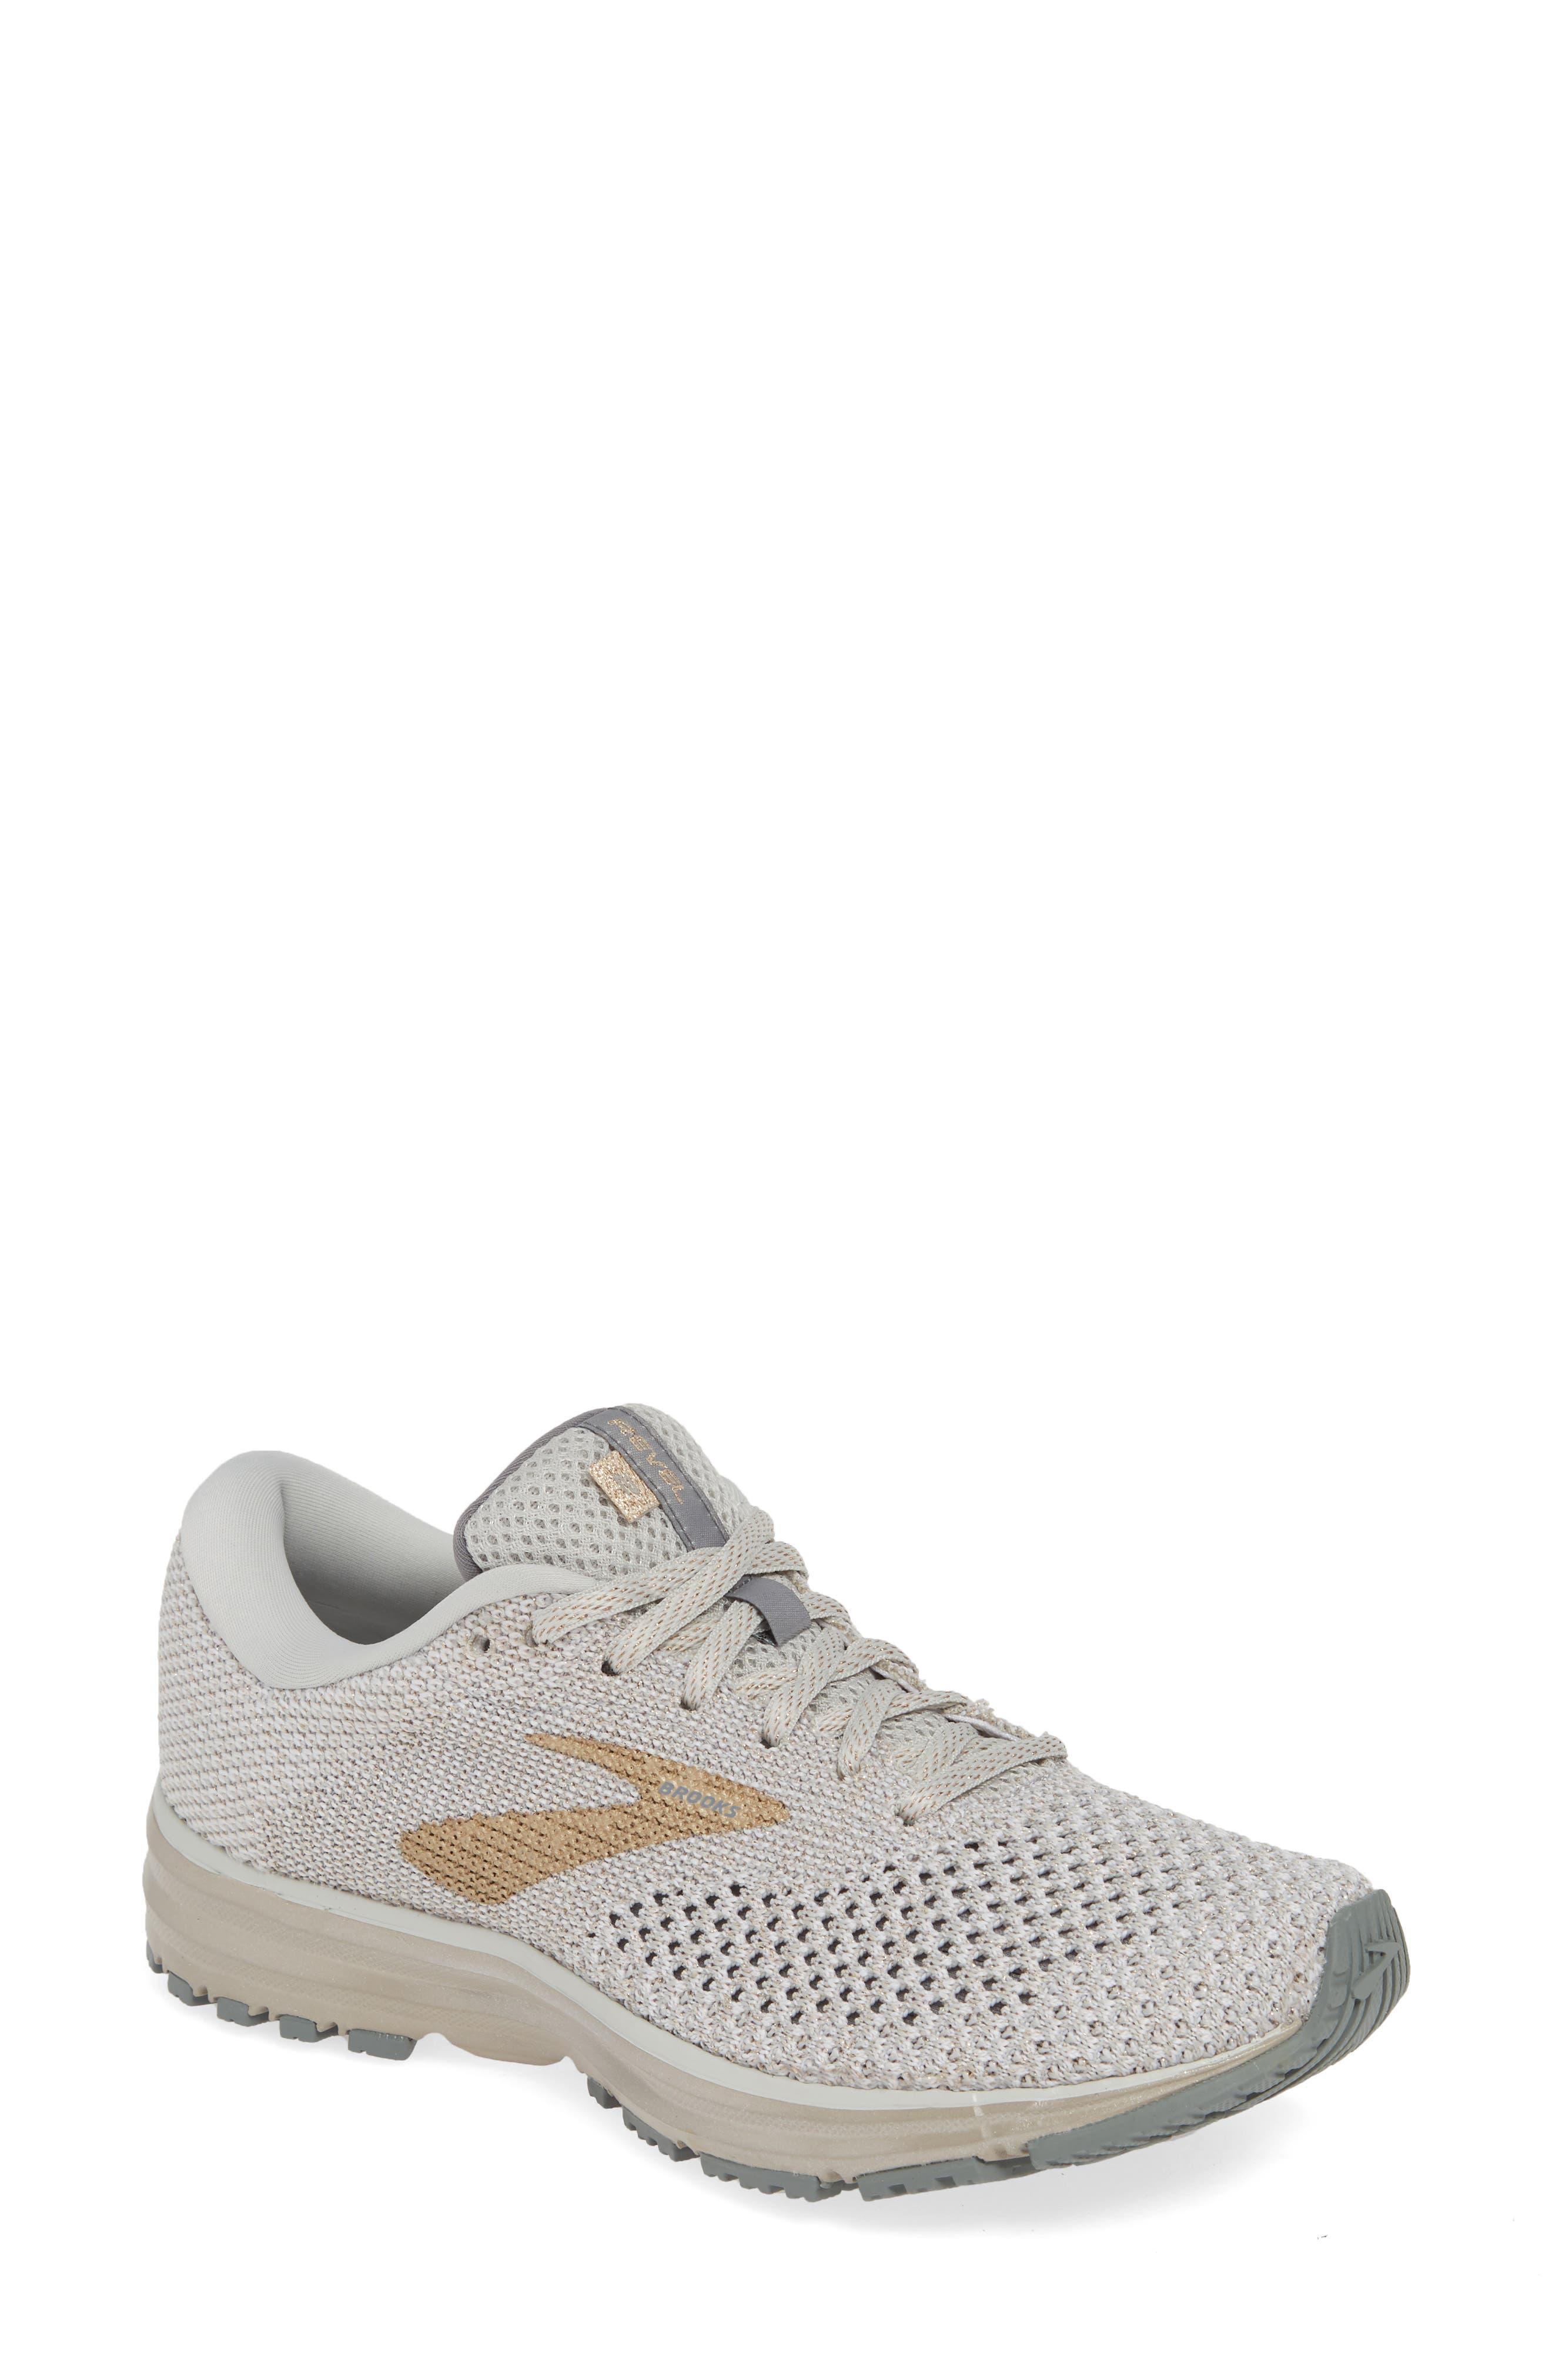 Brooks Revel 2 Running Shoe, White